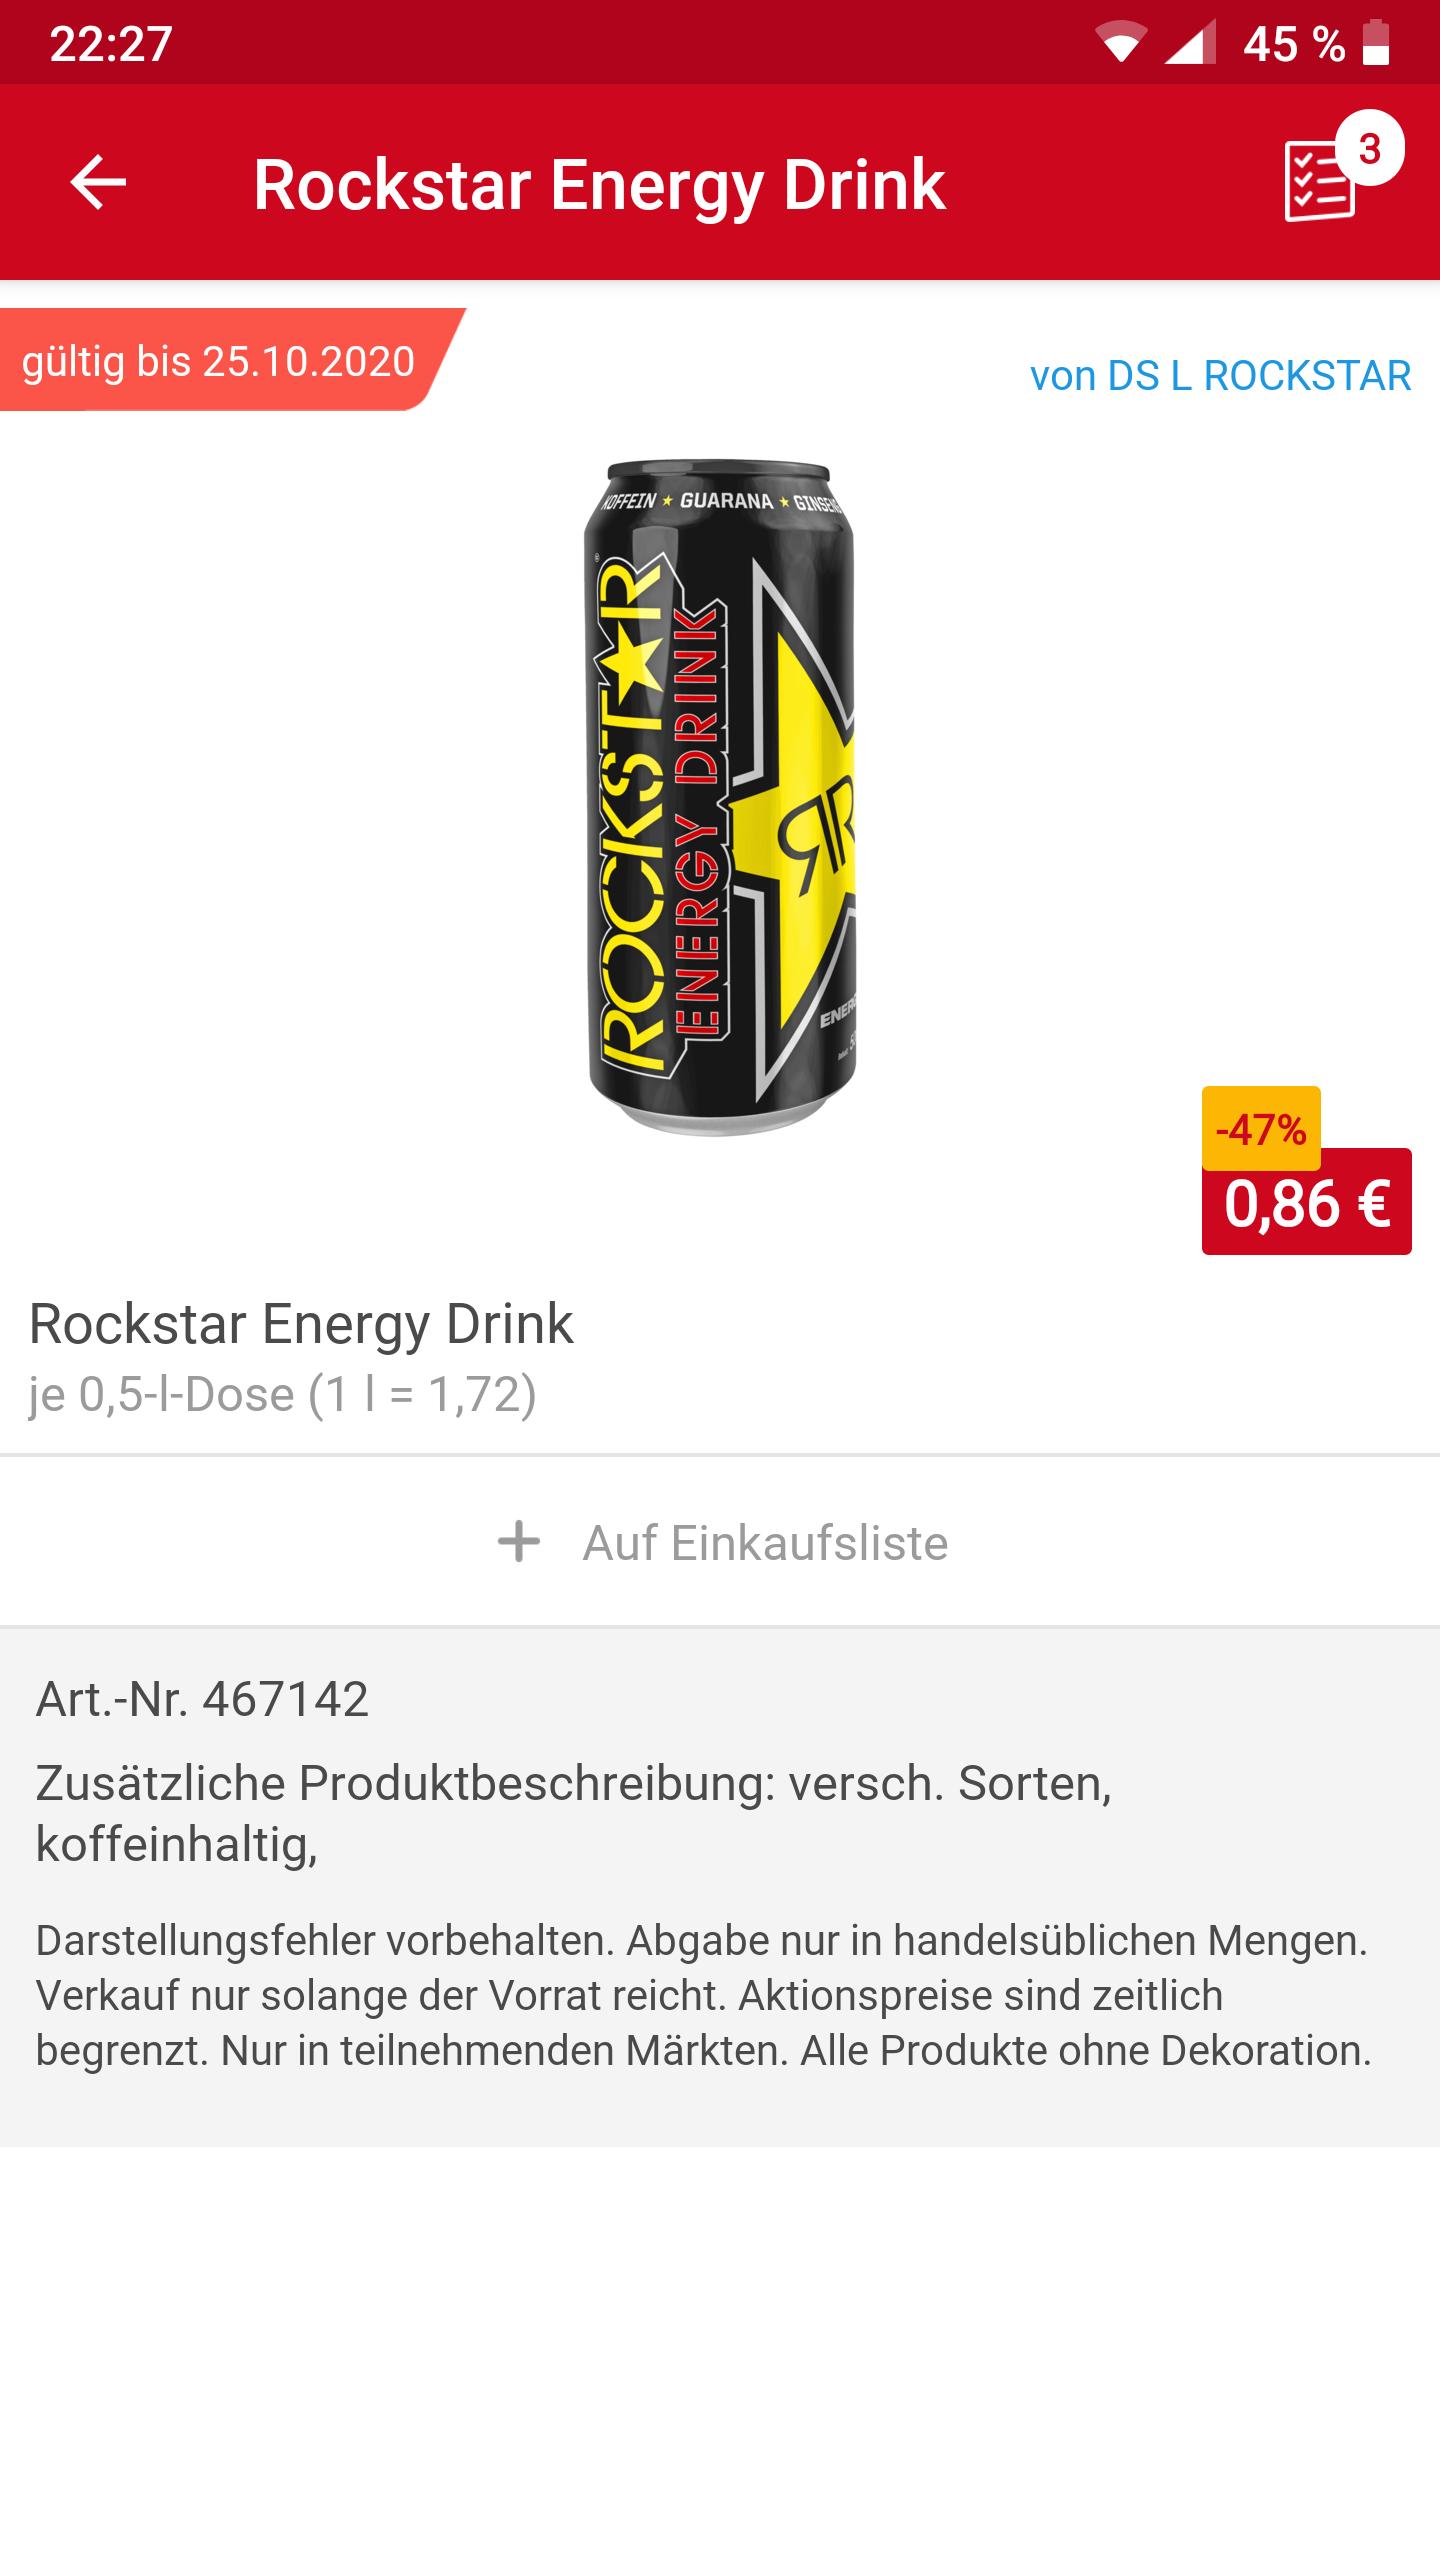 REWE Bundesweit (?) Rockstar @0,86 / Coca Cola 2 Liter @1,25